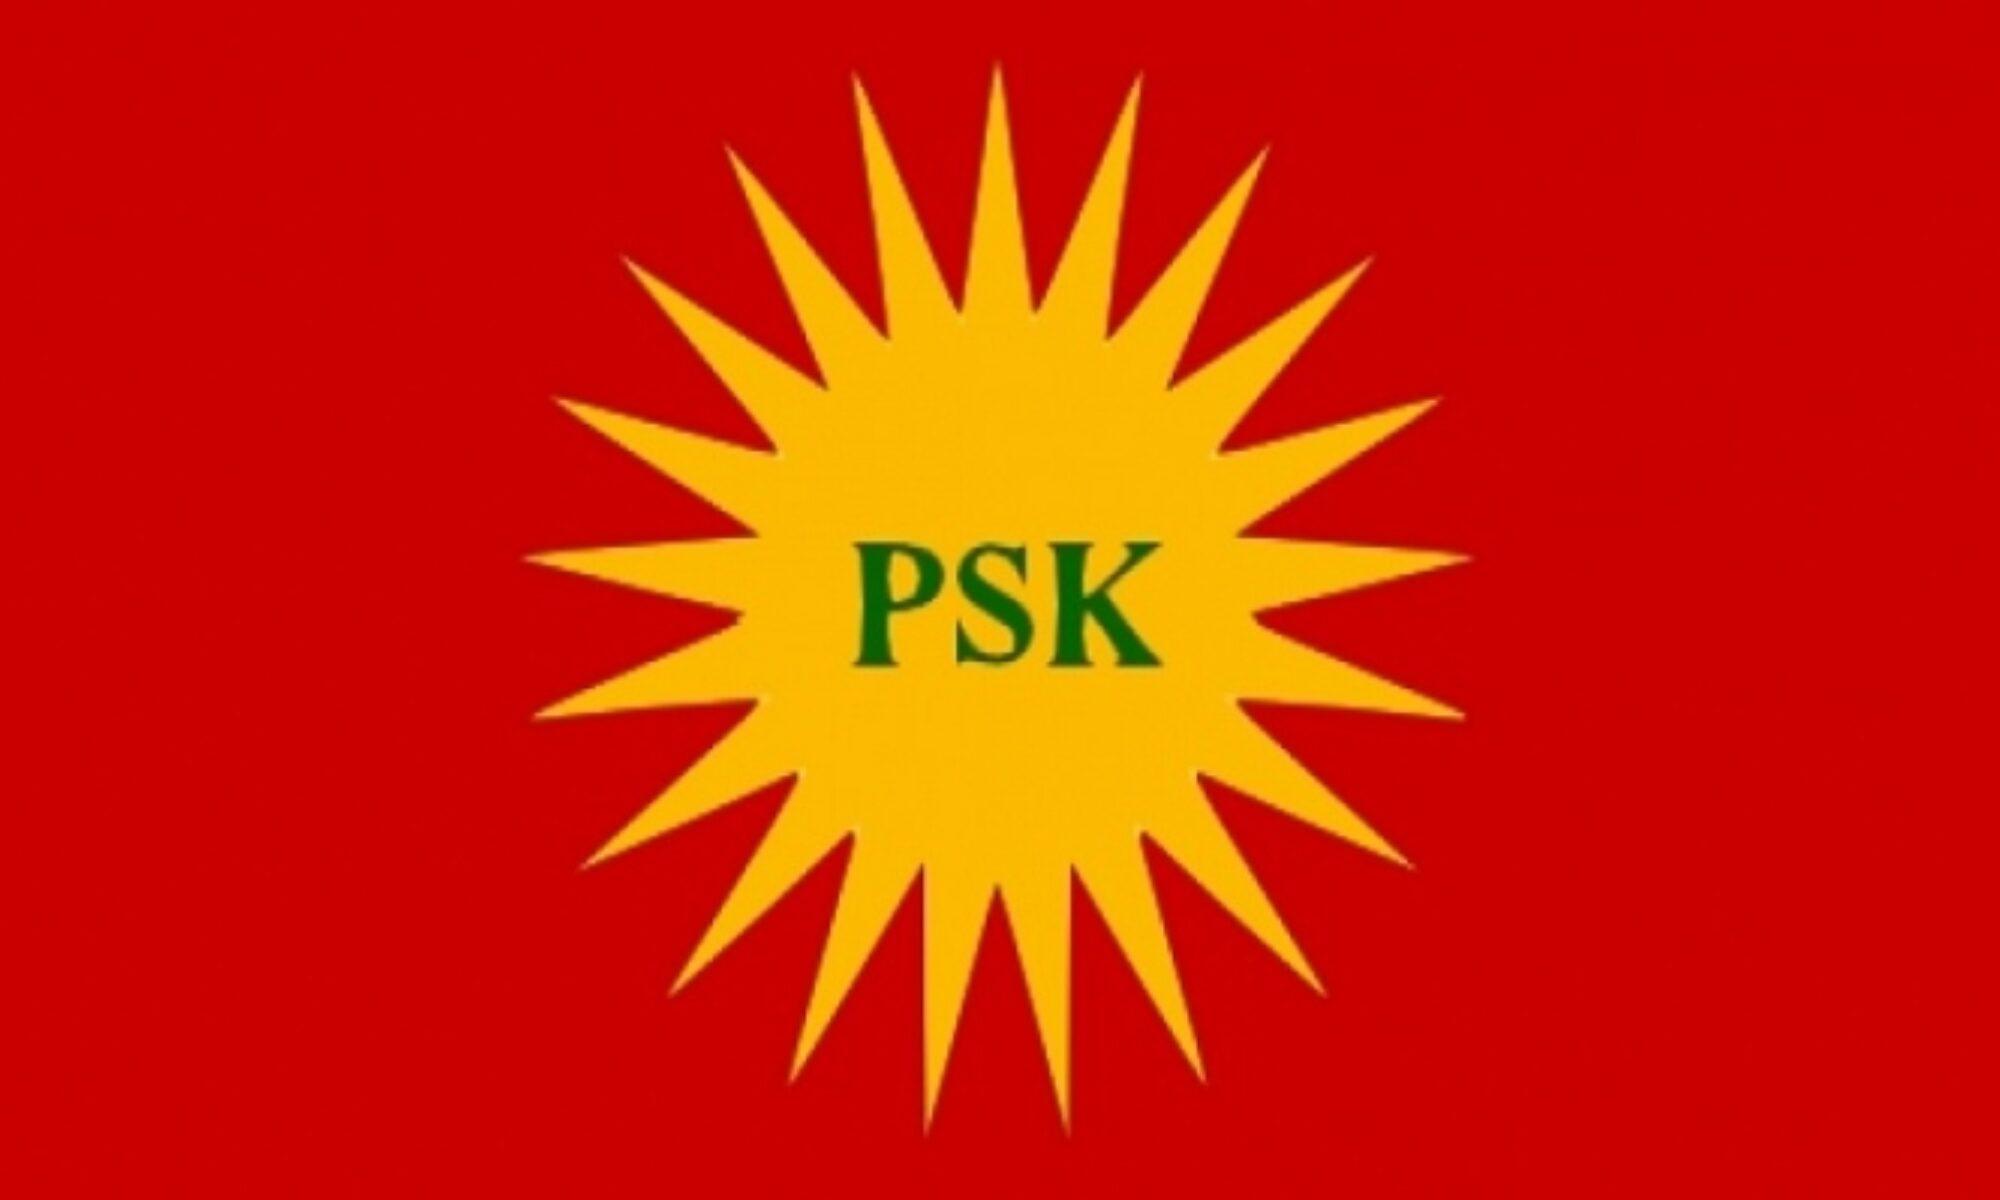 """Kürdistan Sosyalist Partisi (PSK) Parti Meclisi, 18 Nisan 2021 tarihinde yaptığı toplantının sonuç bildirisini kamuoyu ile paylaştı. PSK Parti Meclisi, 18 Nisan 2021 tarihinde gerçekleştirdikleri toplantının sonuç bildirisinde şu noktalara dikkat çekildi: """"Parti Meclisimiz, hem Kürt ulusal demokratik muhalefetiyle hem de Türk demokrasi güçleriyle etkileşim ve iletişim içinde olmanın yararına ve önemine değinmiştir."""" Yapılan açıklamanın devamında şunlar belirtildi: """"Parti Meclisimiz, Afrin'de işbirlikçi radikal İslami örgütlerin yardımıyla bölgenin demografik yapısını değiştirmeye hız veren iktidarın, kendisine bağlı işbirlikçilerin işlediği insanlık suçlarına karşı sessiz kalışının ibretle izlendiğinin altını çizmiştir."""" PSK'nin Meclis toplantısı açıklamasının tümü şu şekilde: """"Kürdistan Sosyalist Partisi (PSK) Parti Meclisi, 18 Nisan 2021 tarihinde toplanmış, gündemindeki konuları görüşmüş, aşağıdaki sonuçlara varmıştır. Ülkemiz Kürdistan'da ve içinde bulunduğumuz coğrafyada önemli ekonomik ve siyasal gelişmeler yaşanmaktadır. Salgın hastalığın yol açtığı yoksulluk, işsizlik, açlık gibi sorunların yanı sıra başta Kürdistan olmak üzere tüm dünyada ekonomik sorunlar artarak devam etmektedir. Bir bütün olarak insanlığın siyasal ve toplumsal yaşantısını derinden etkileyen covid-19 süreci, her geçen gün alışkanlıkların değişmesine yol açıyor, siyasal çalkantıları ve insan sağlığına olumsuz etkileri giderek daha görünür hale getiriyor. Resmi ve gayri resmi verilere dayanan rakamlar; salgının, tüm dünyada milyonlarca esnafın, küçük ve orta boy işletmenin iflas ettiğini, işsizliğin arttığını, bunun yanı sıra büyük şirketlerin daha da büyüdüğünü ve küresel sermayenin giderek küçülen bir gurubun elinde toplandığını gösteriyor. Kuşkusuz bu durumdan en çok yoksullar, dar gelirliler ve emekçiler etkileniyor. Salgın hastalığın büyüttüğü işsizlik, açlık ve yoksulluğun yol açtığı kitlesel göçler, her zamankinden daha belirgin biçimde insanlığı tehdit ediyor. Açık ki salgının ekono"""